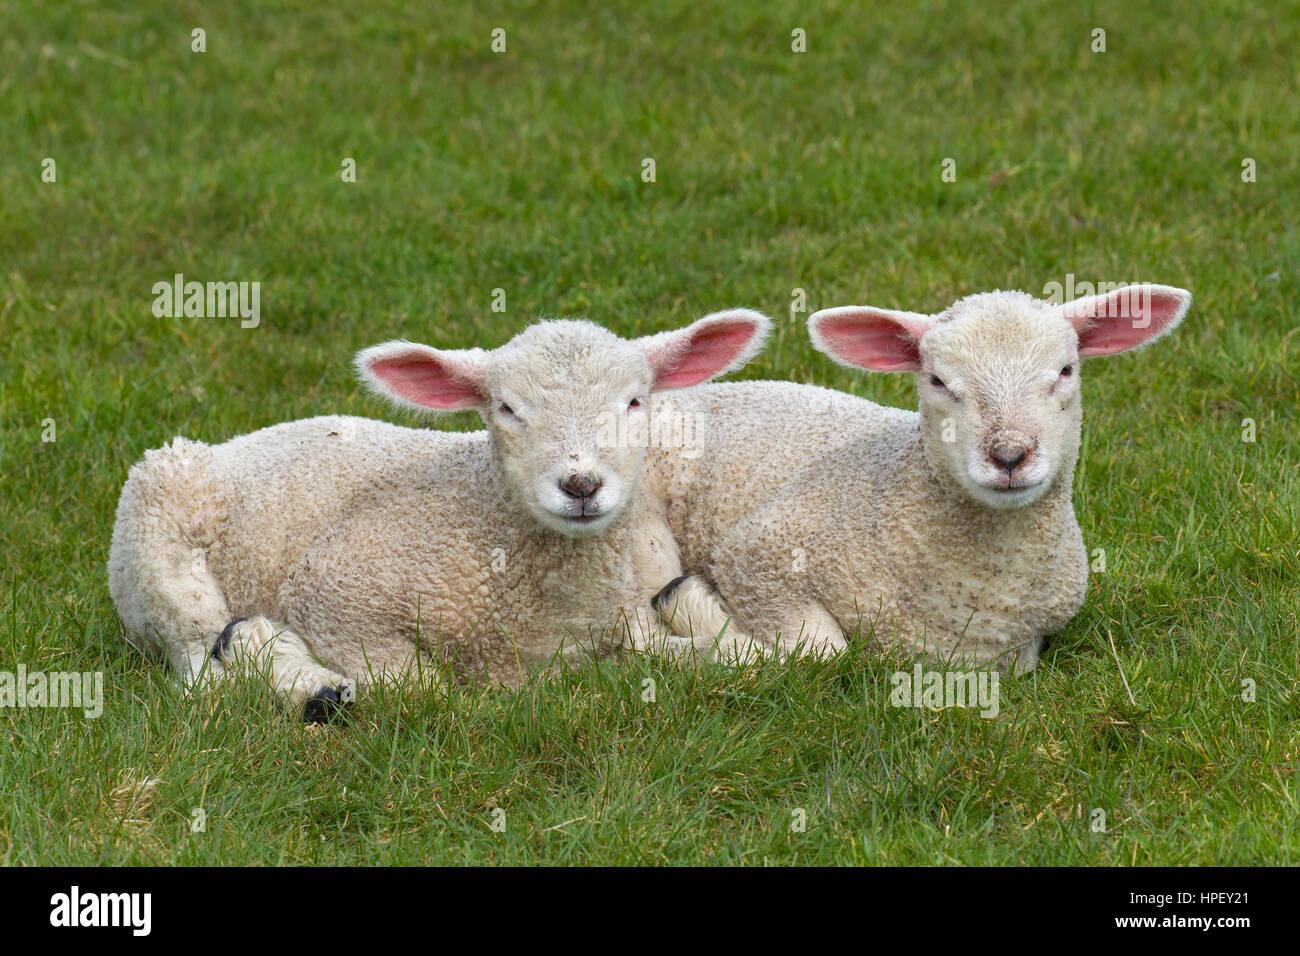 Deux agneaux blanc de moutons domestiques situées côte à côte dans le pré Photo Stock